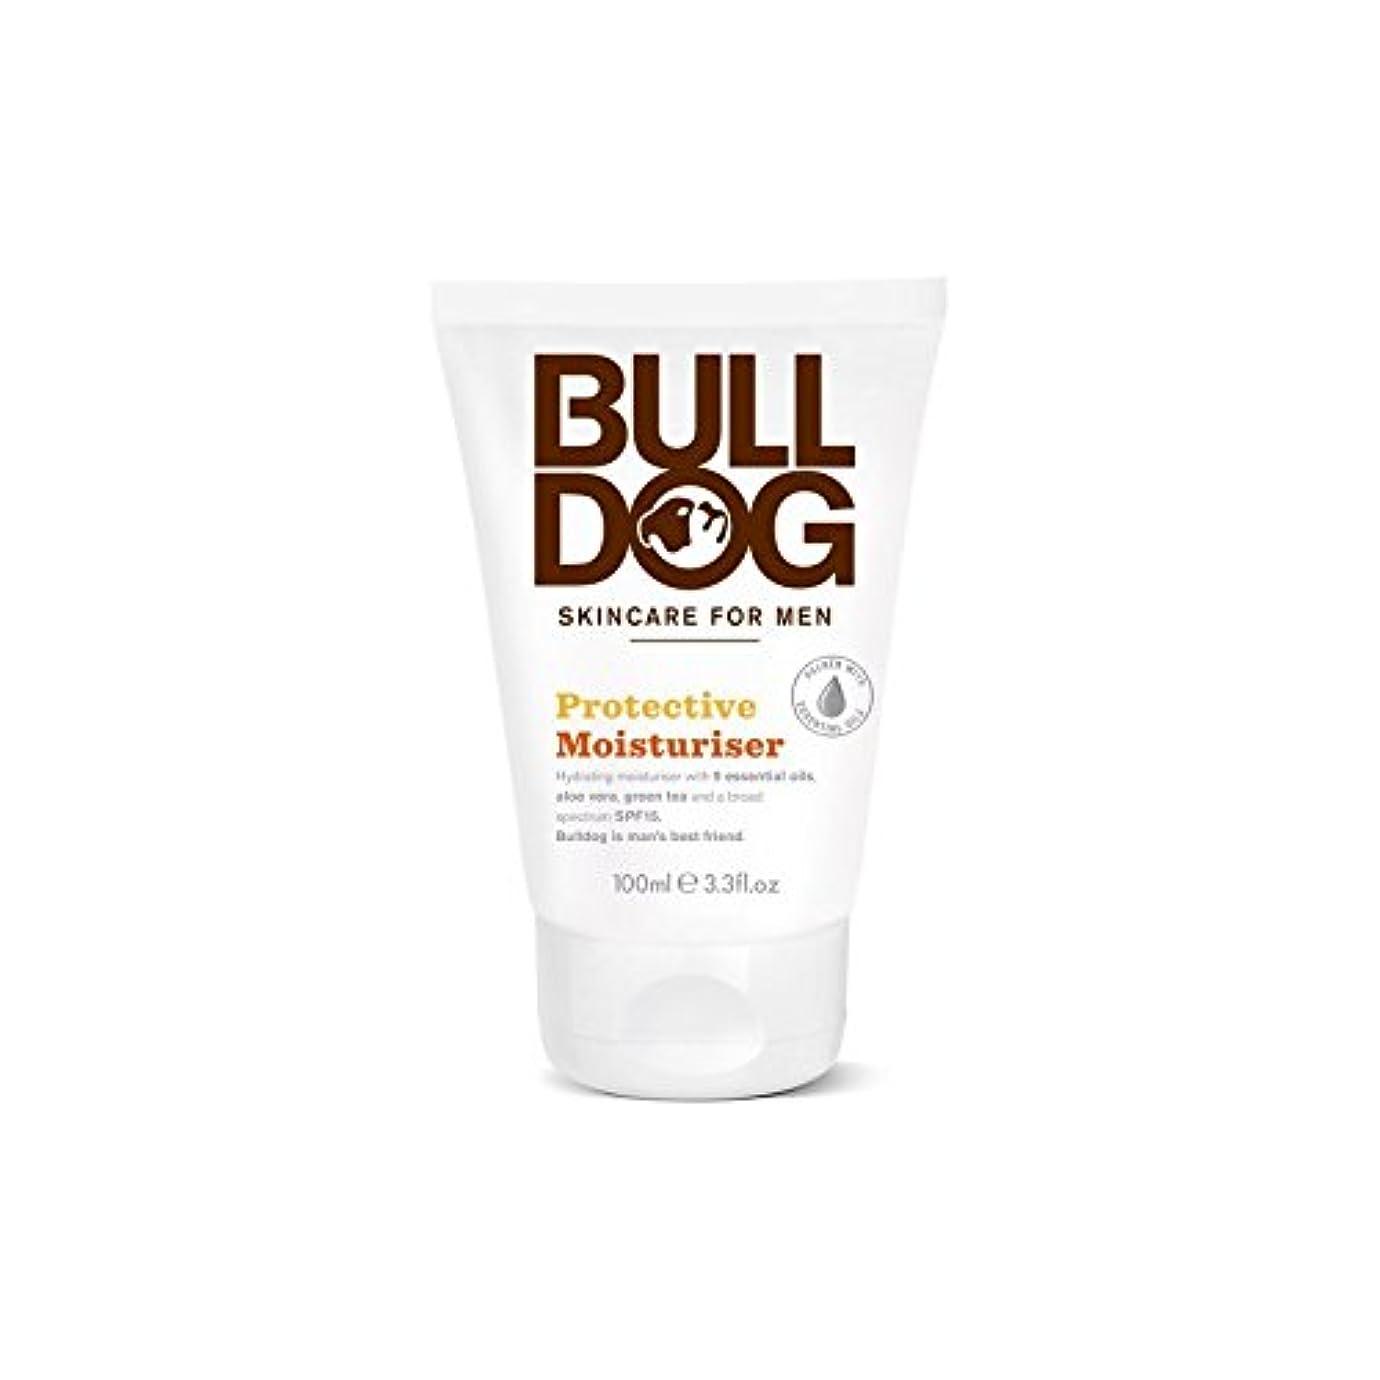 年金受給者上院議員構築するブルドッグ保護保湿成分(100ミリリットル) x2 - Bulldog Protective Moisturiser (100ml) (Pack of 2) [並行輸入品]